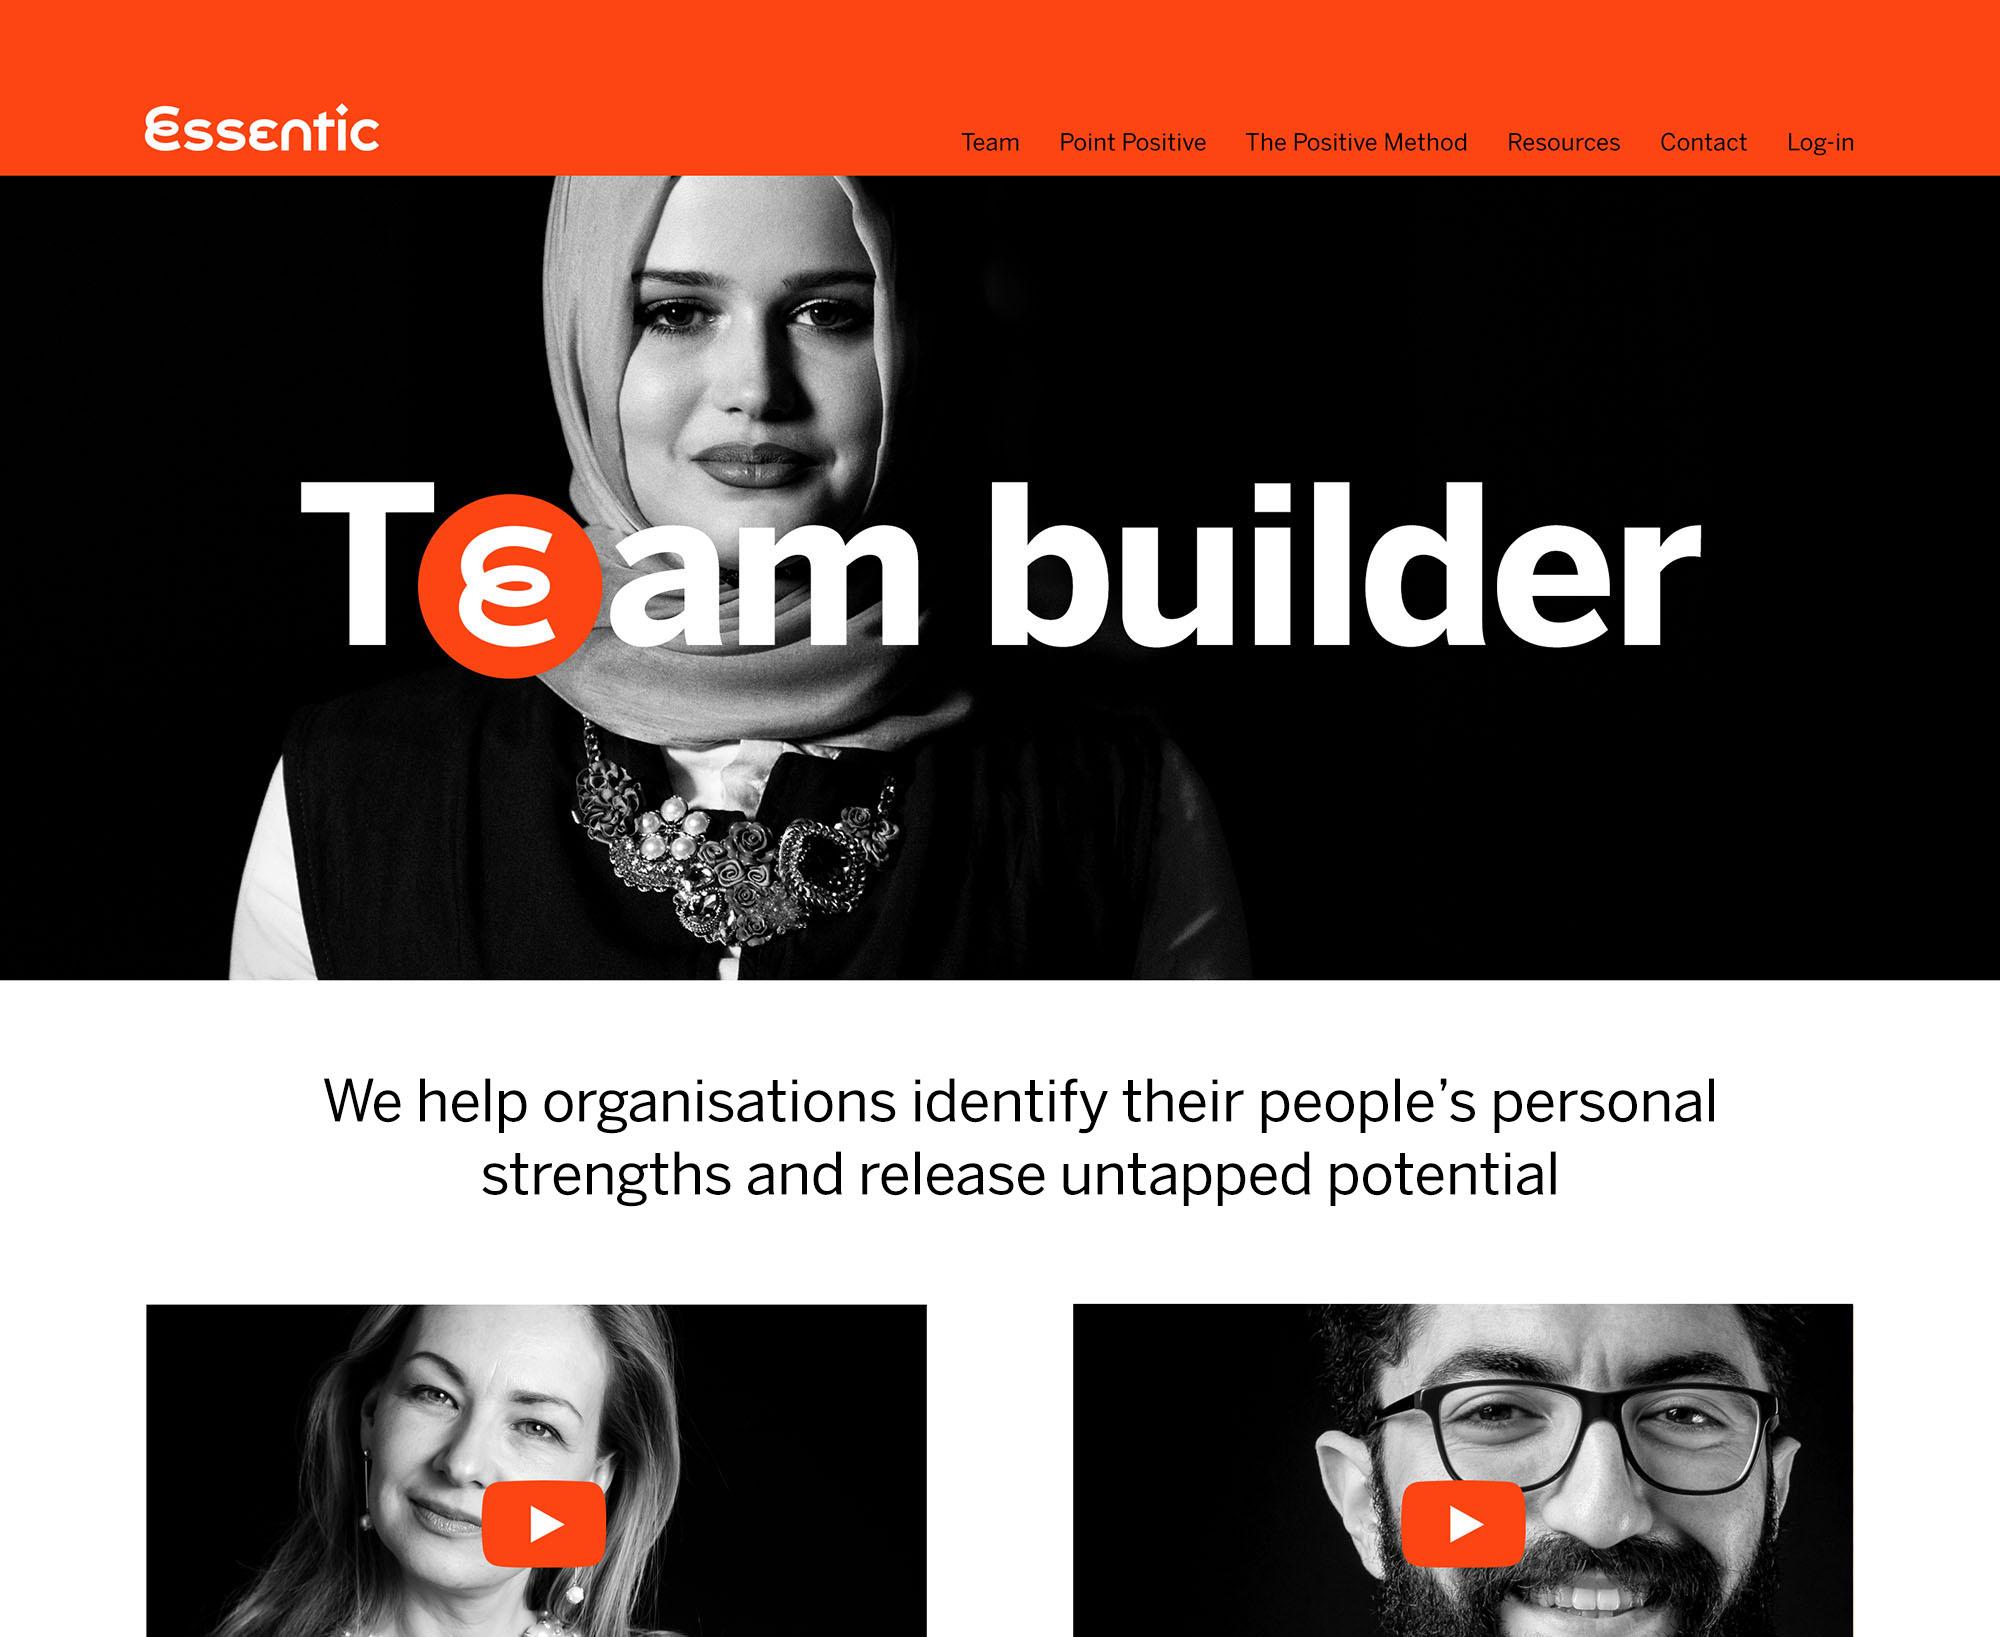 Essentic website design